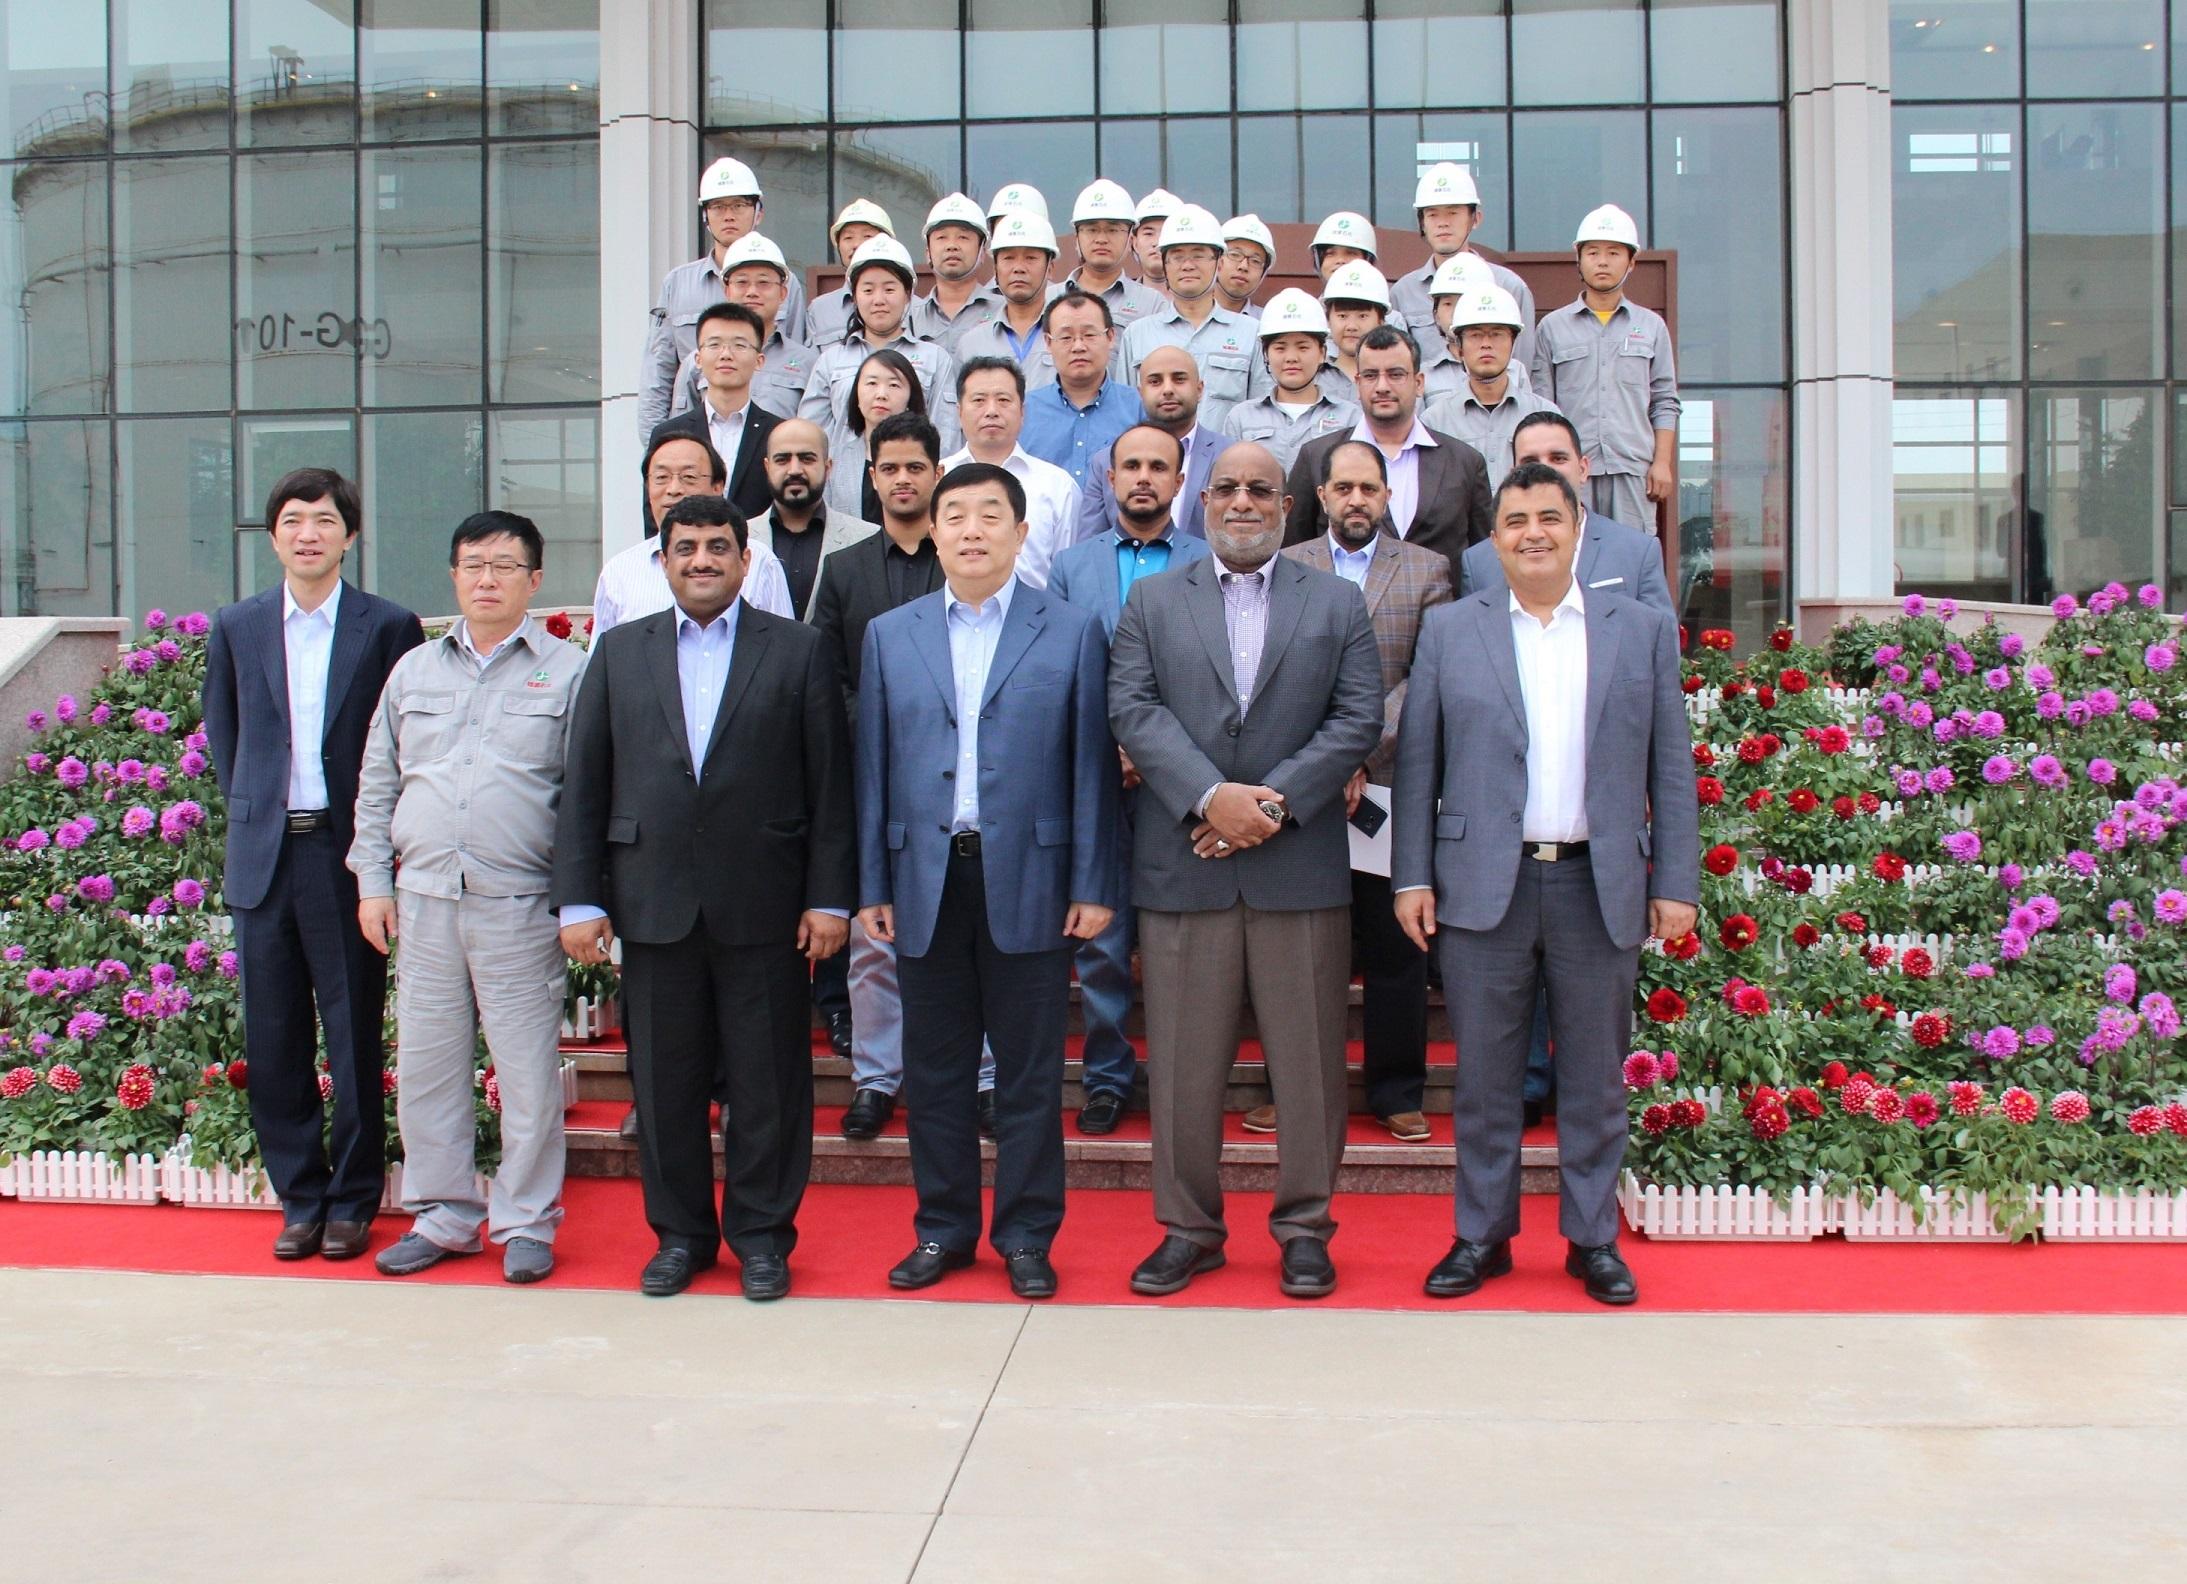 الجابري يوجه الدعوة لمجموعة منج يون البتروكيماوية الصينية للاستثمار في منطقة #الدقم